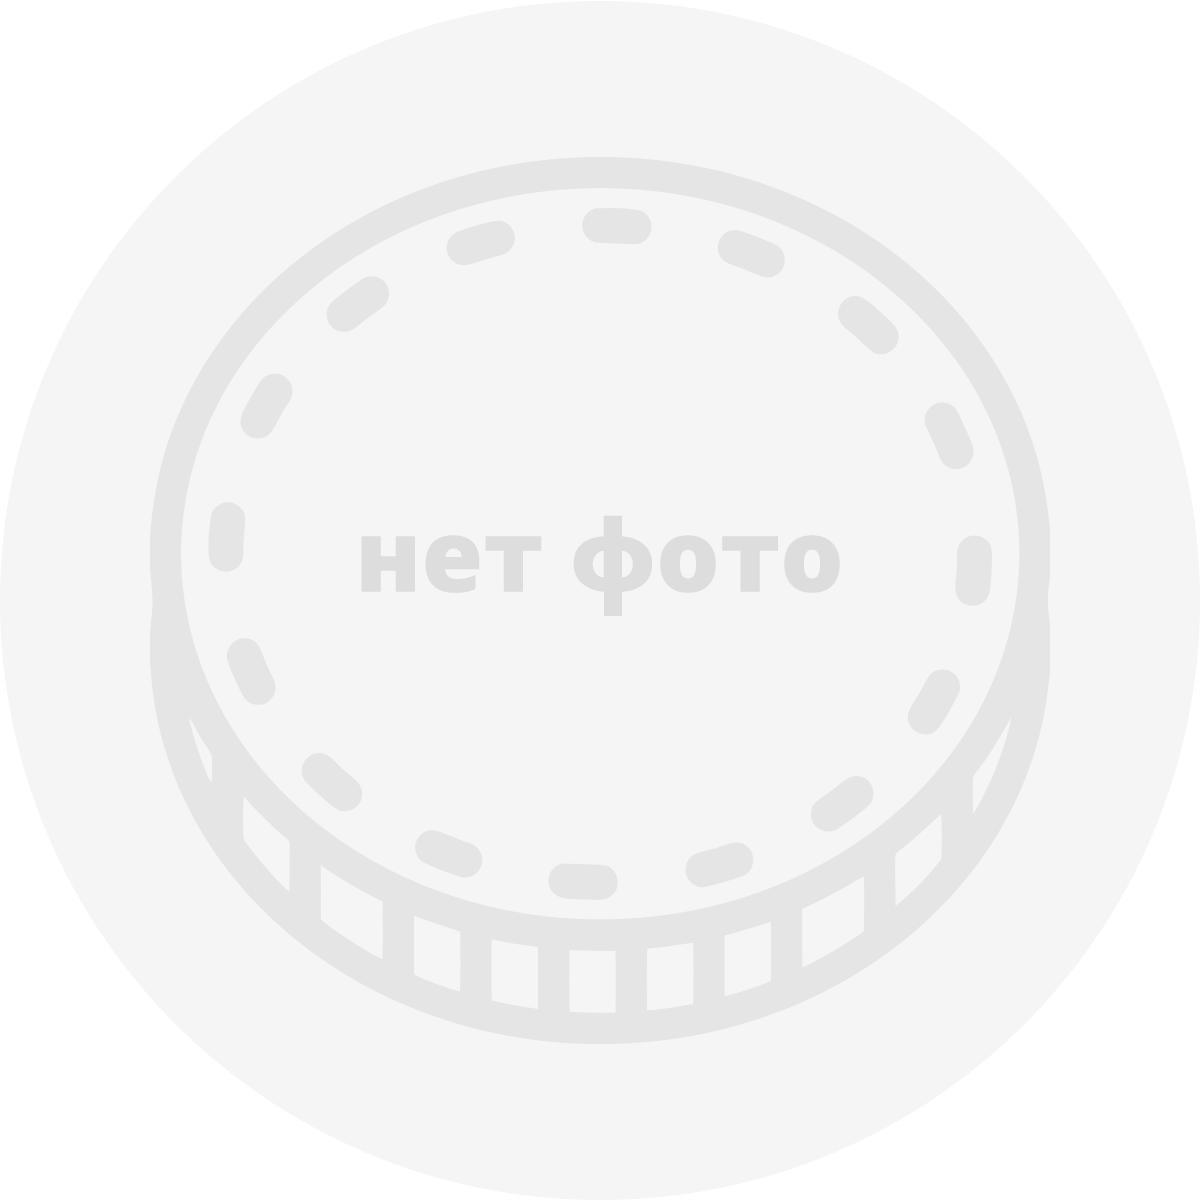 Франция блокирует выпуск монеты в 2€ в честь битвы при Ватерлоо